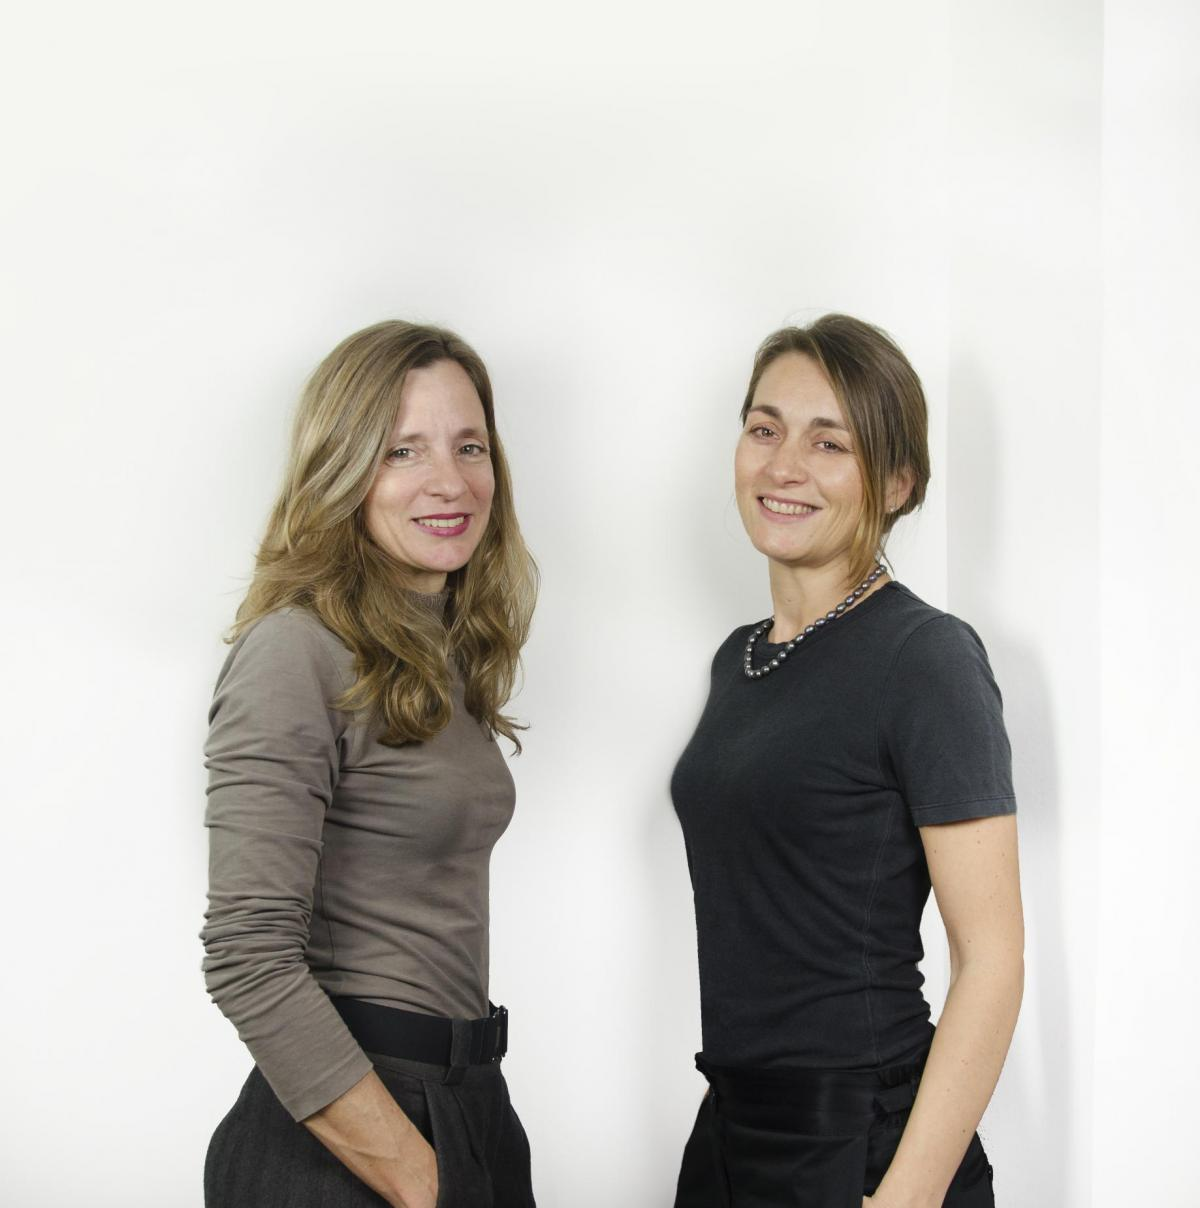 Elina Vilà y Agnès Blanch, estudio de interiorismo vilablanch